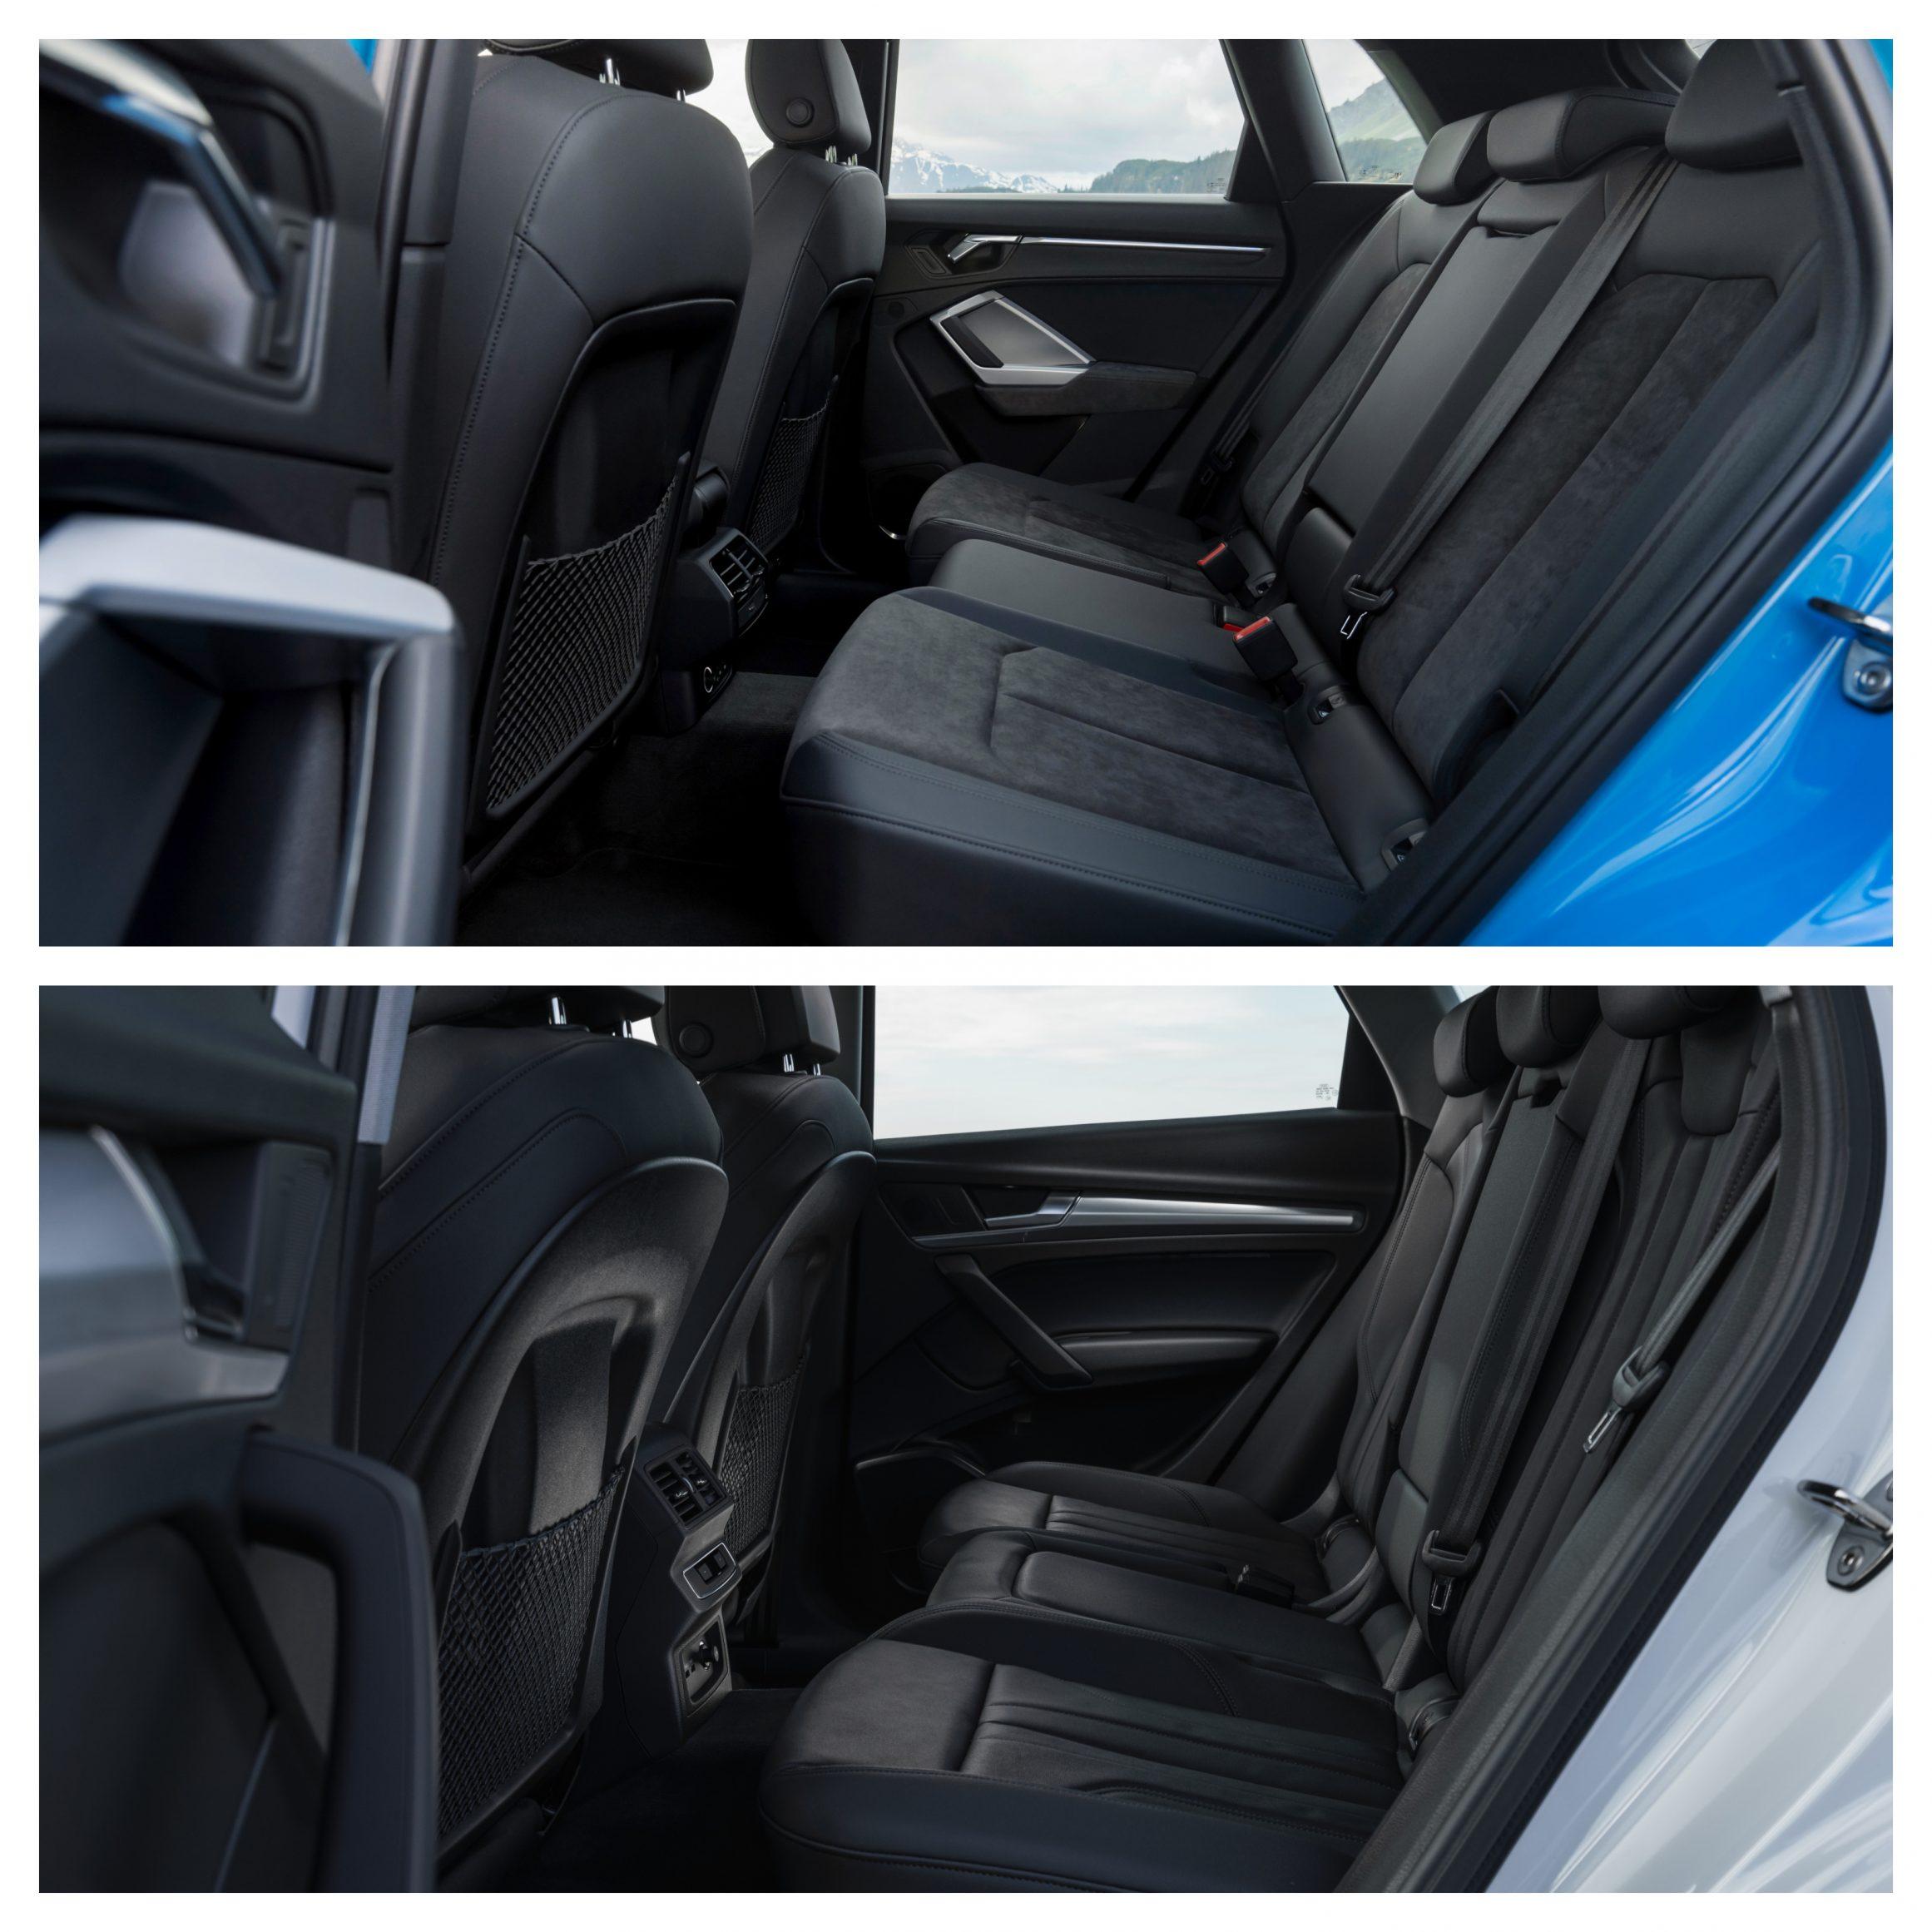 Audii Q3 Vs Q5 - interior space